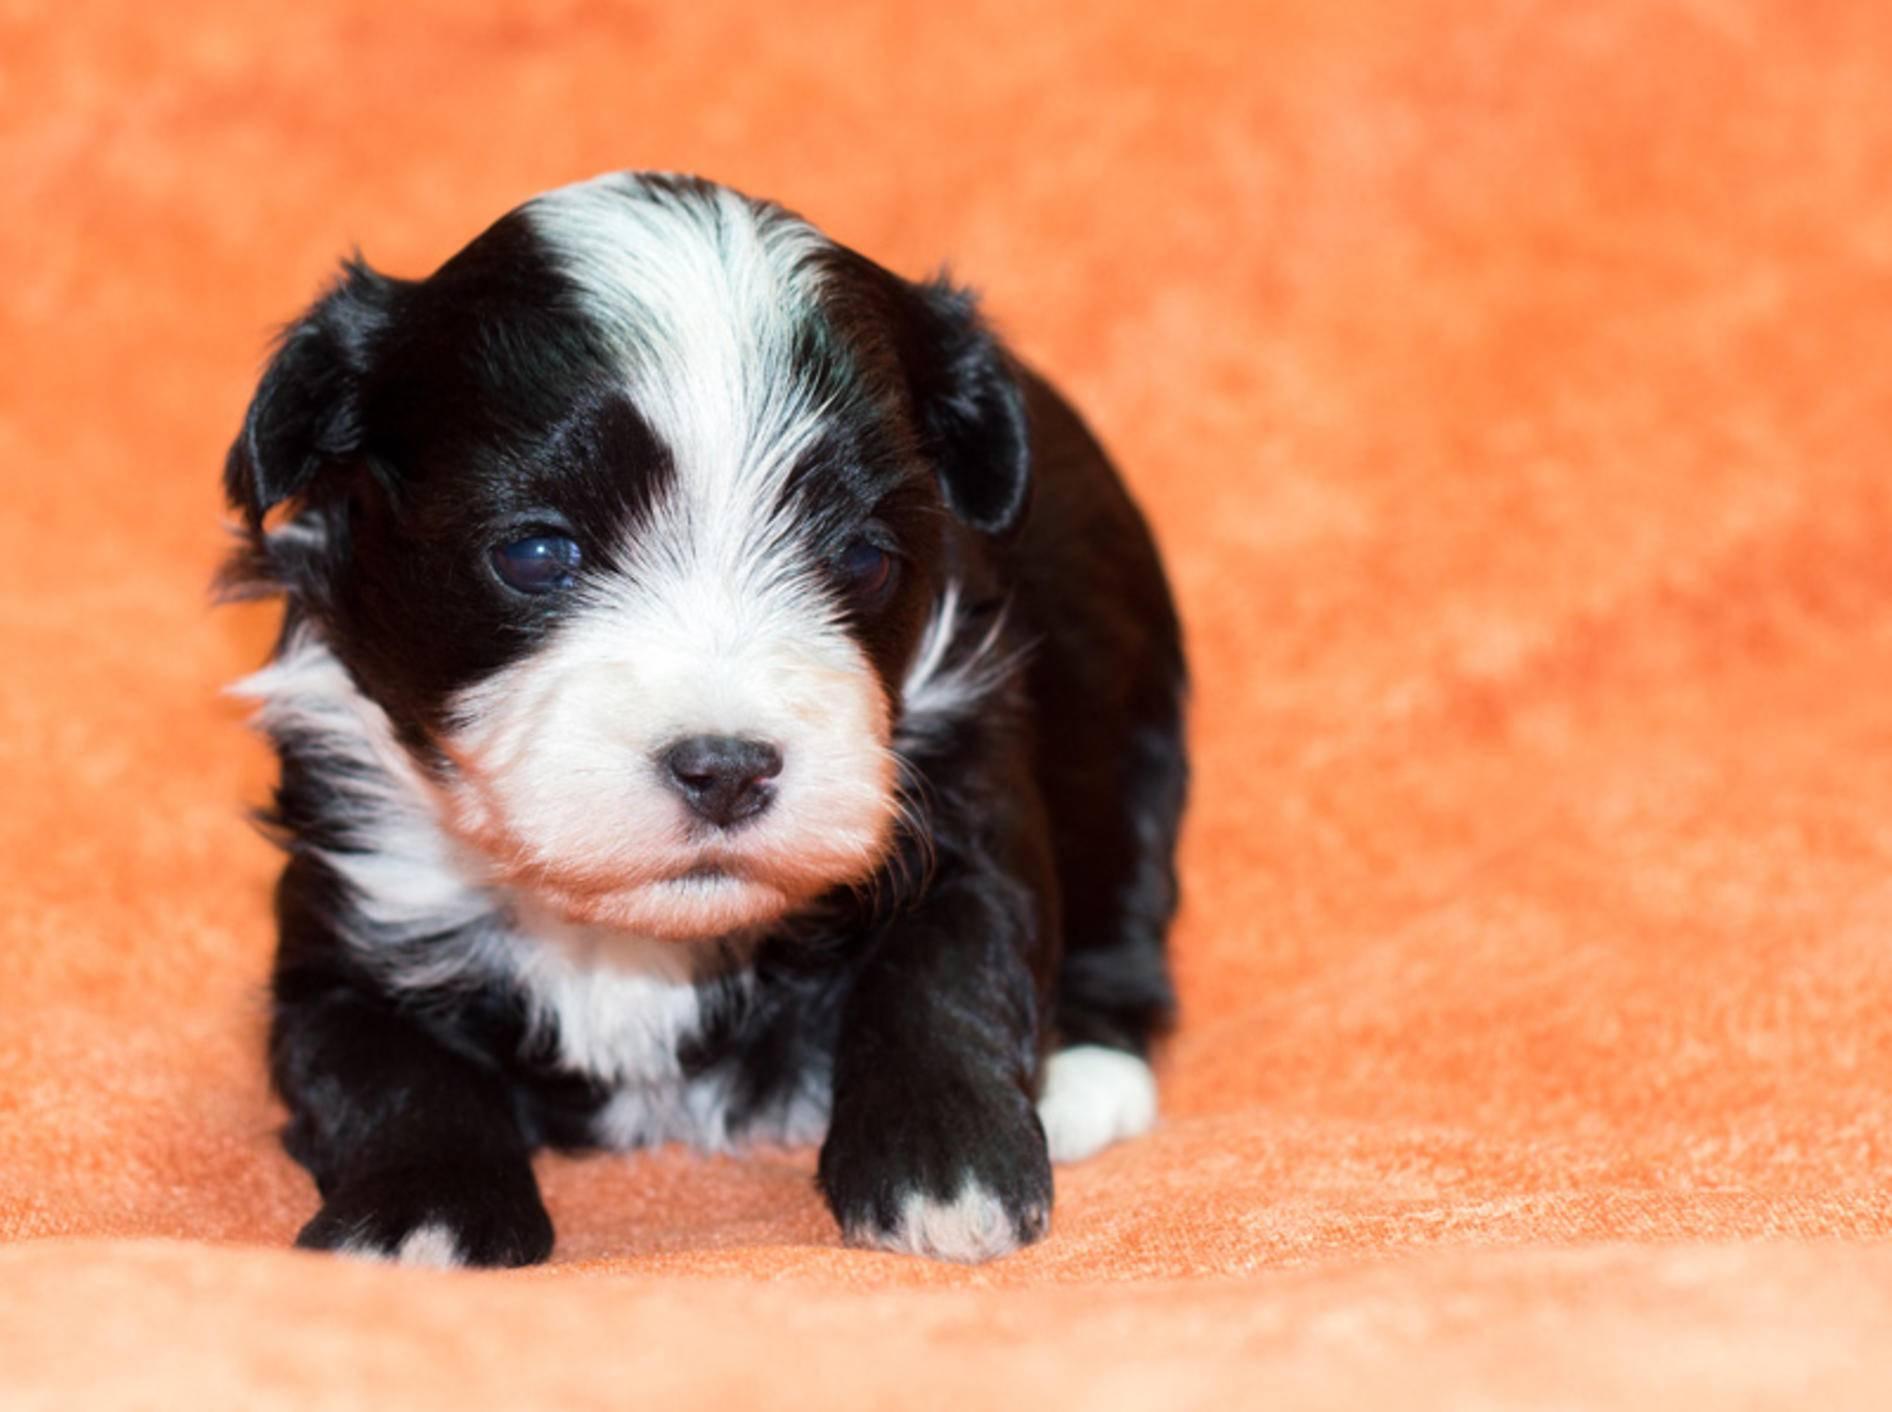 Havaneser-Welpen sollten beim Kauf mindestens zehn Wochen alt sein – Bild: Shutterstock / Sandra Huber